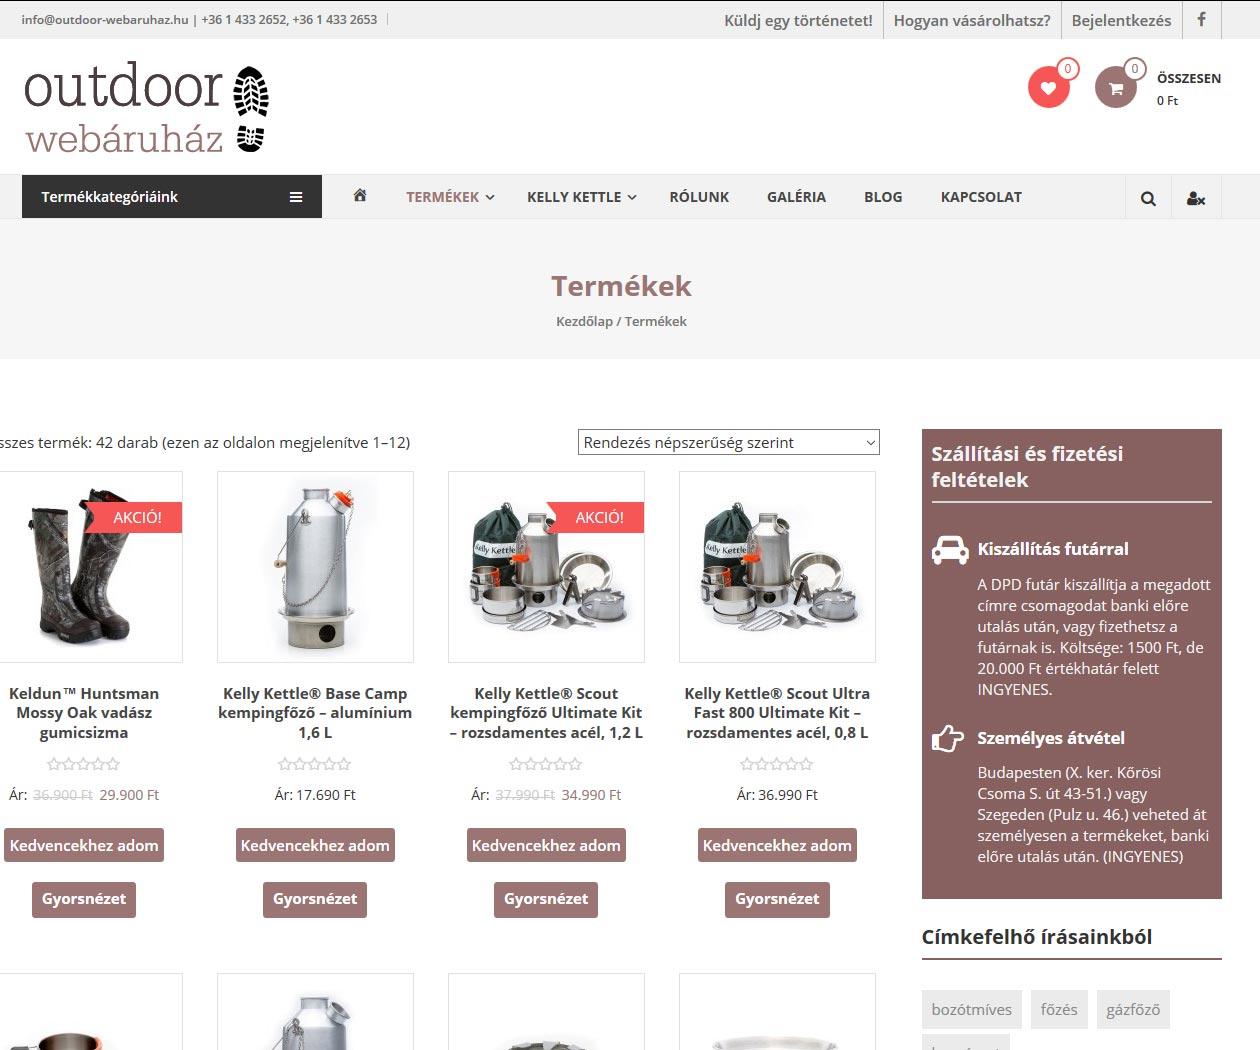 outdoor-webaruhaz-shop